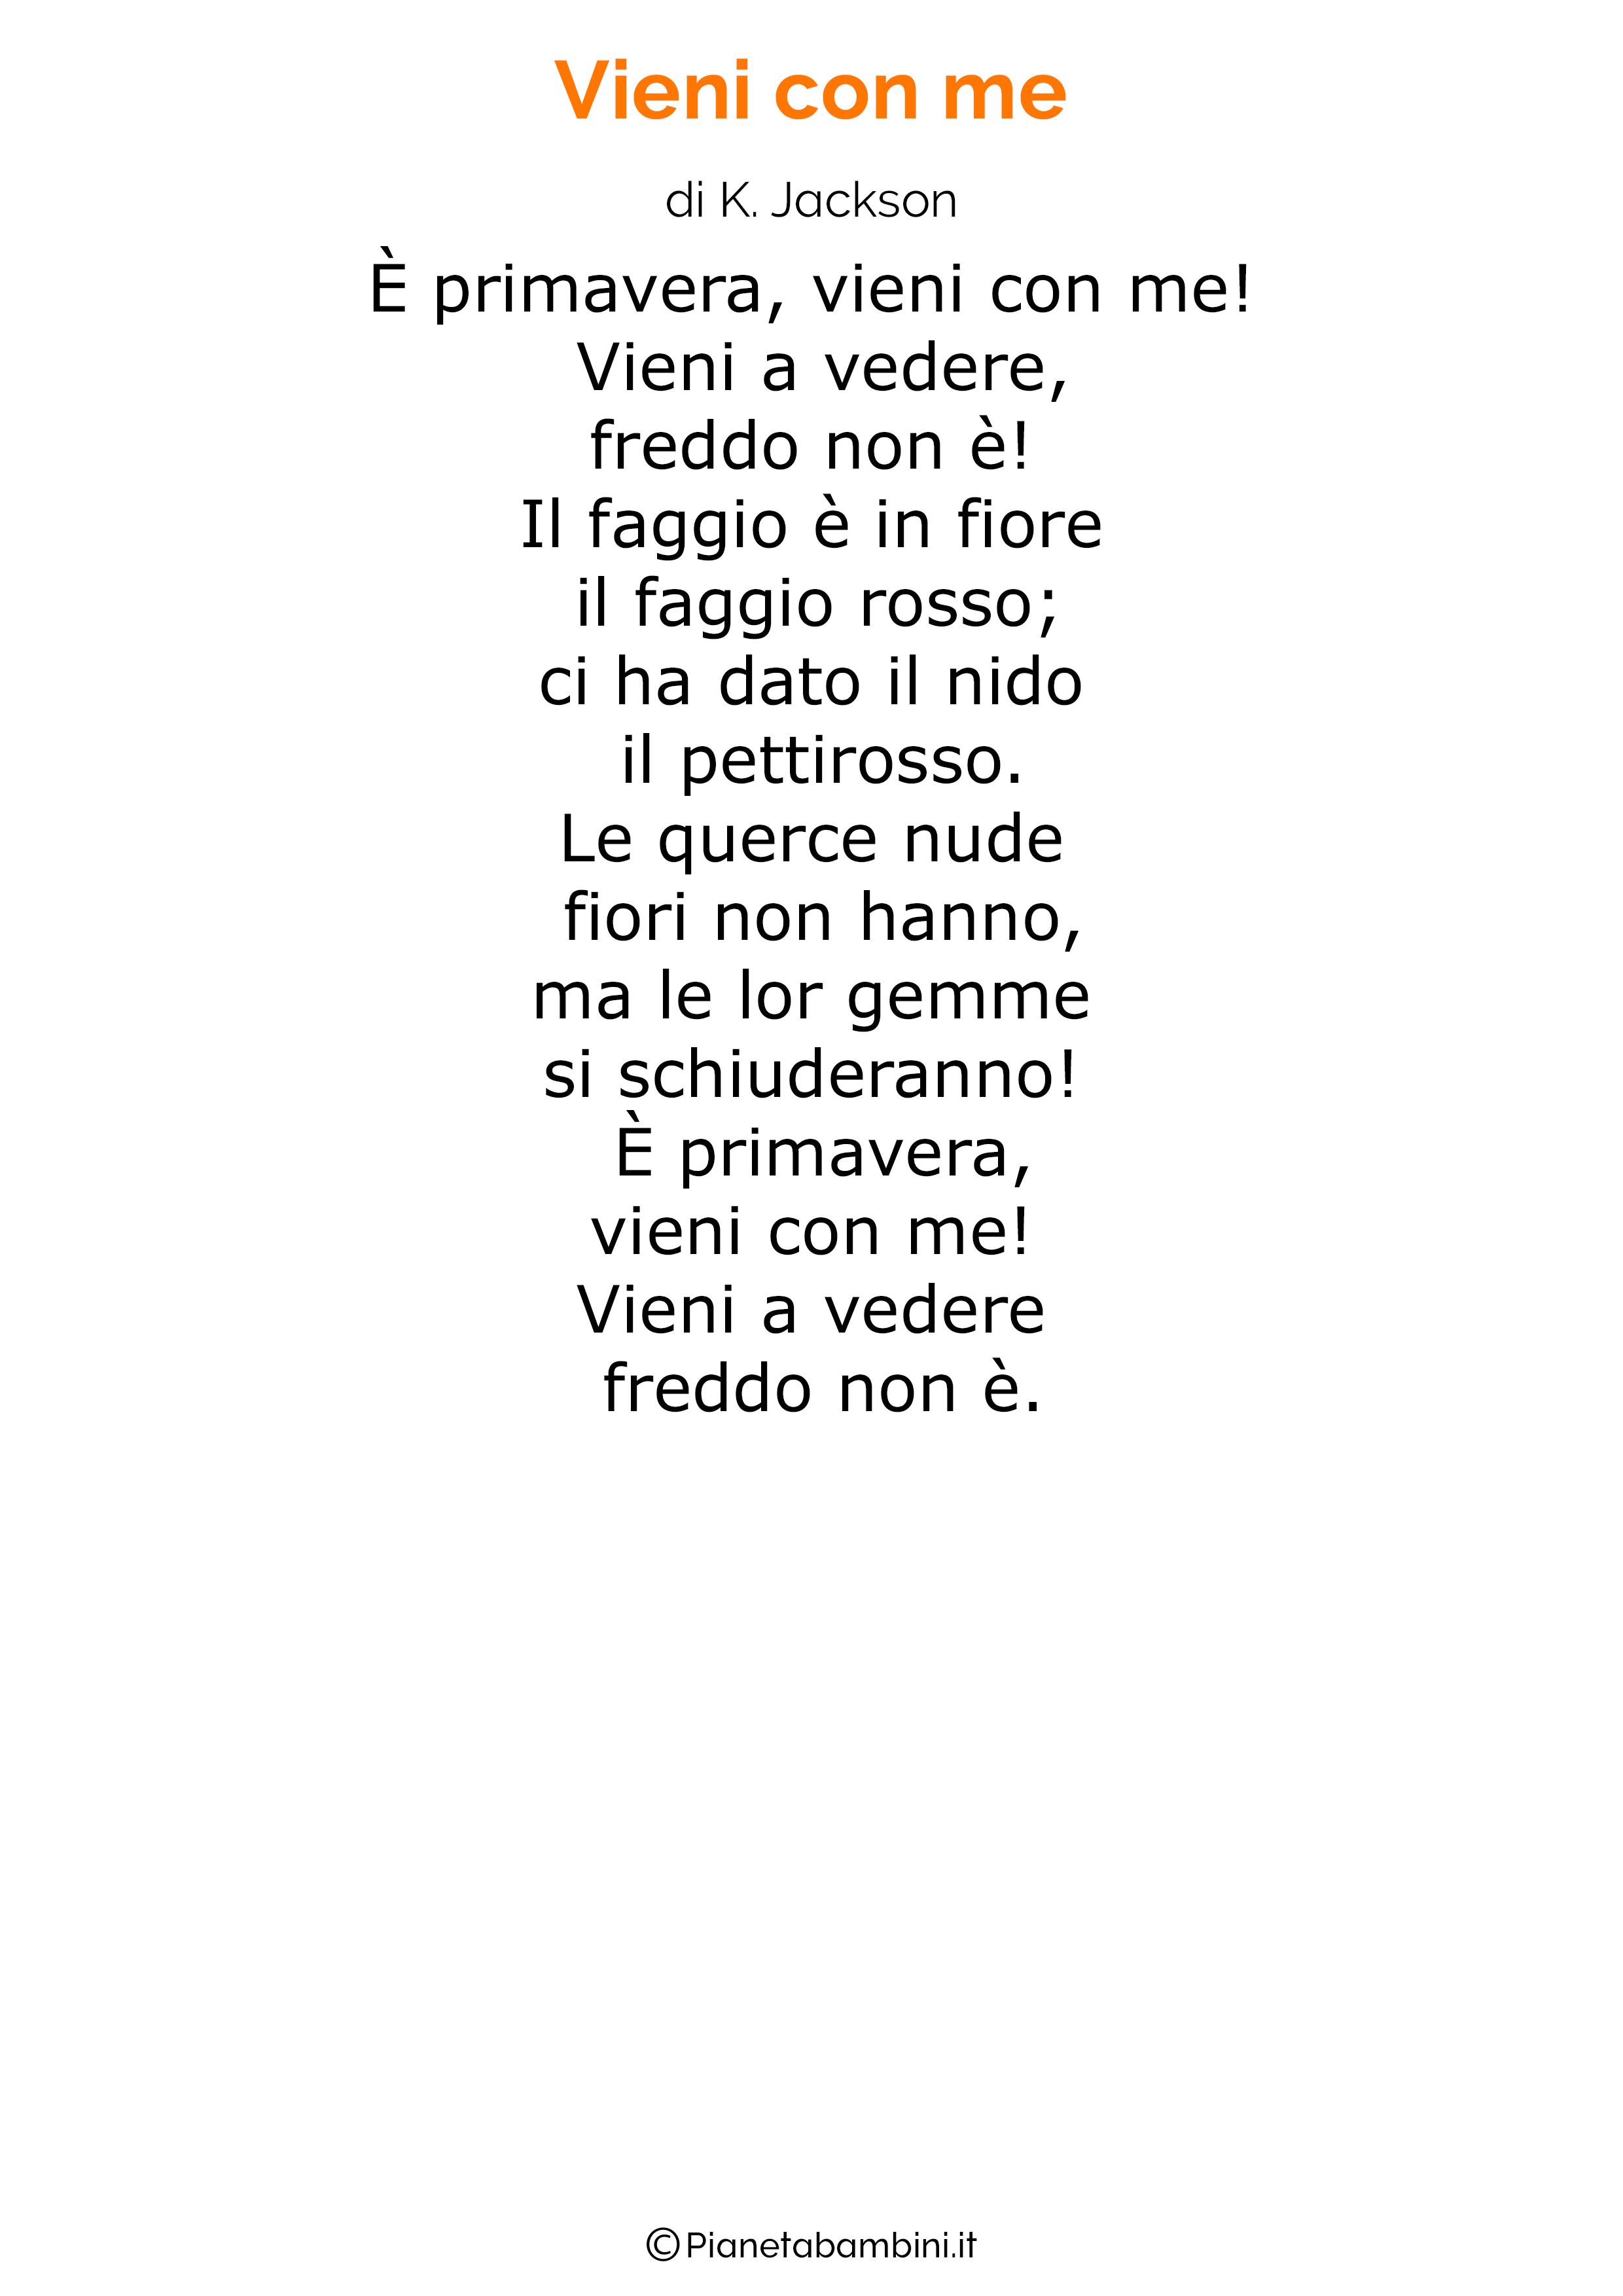 Poesia sulla Primavera 11